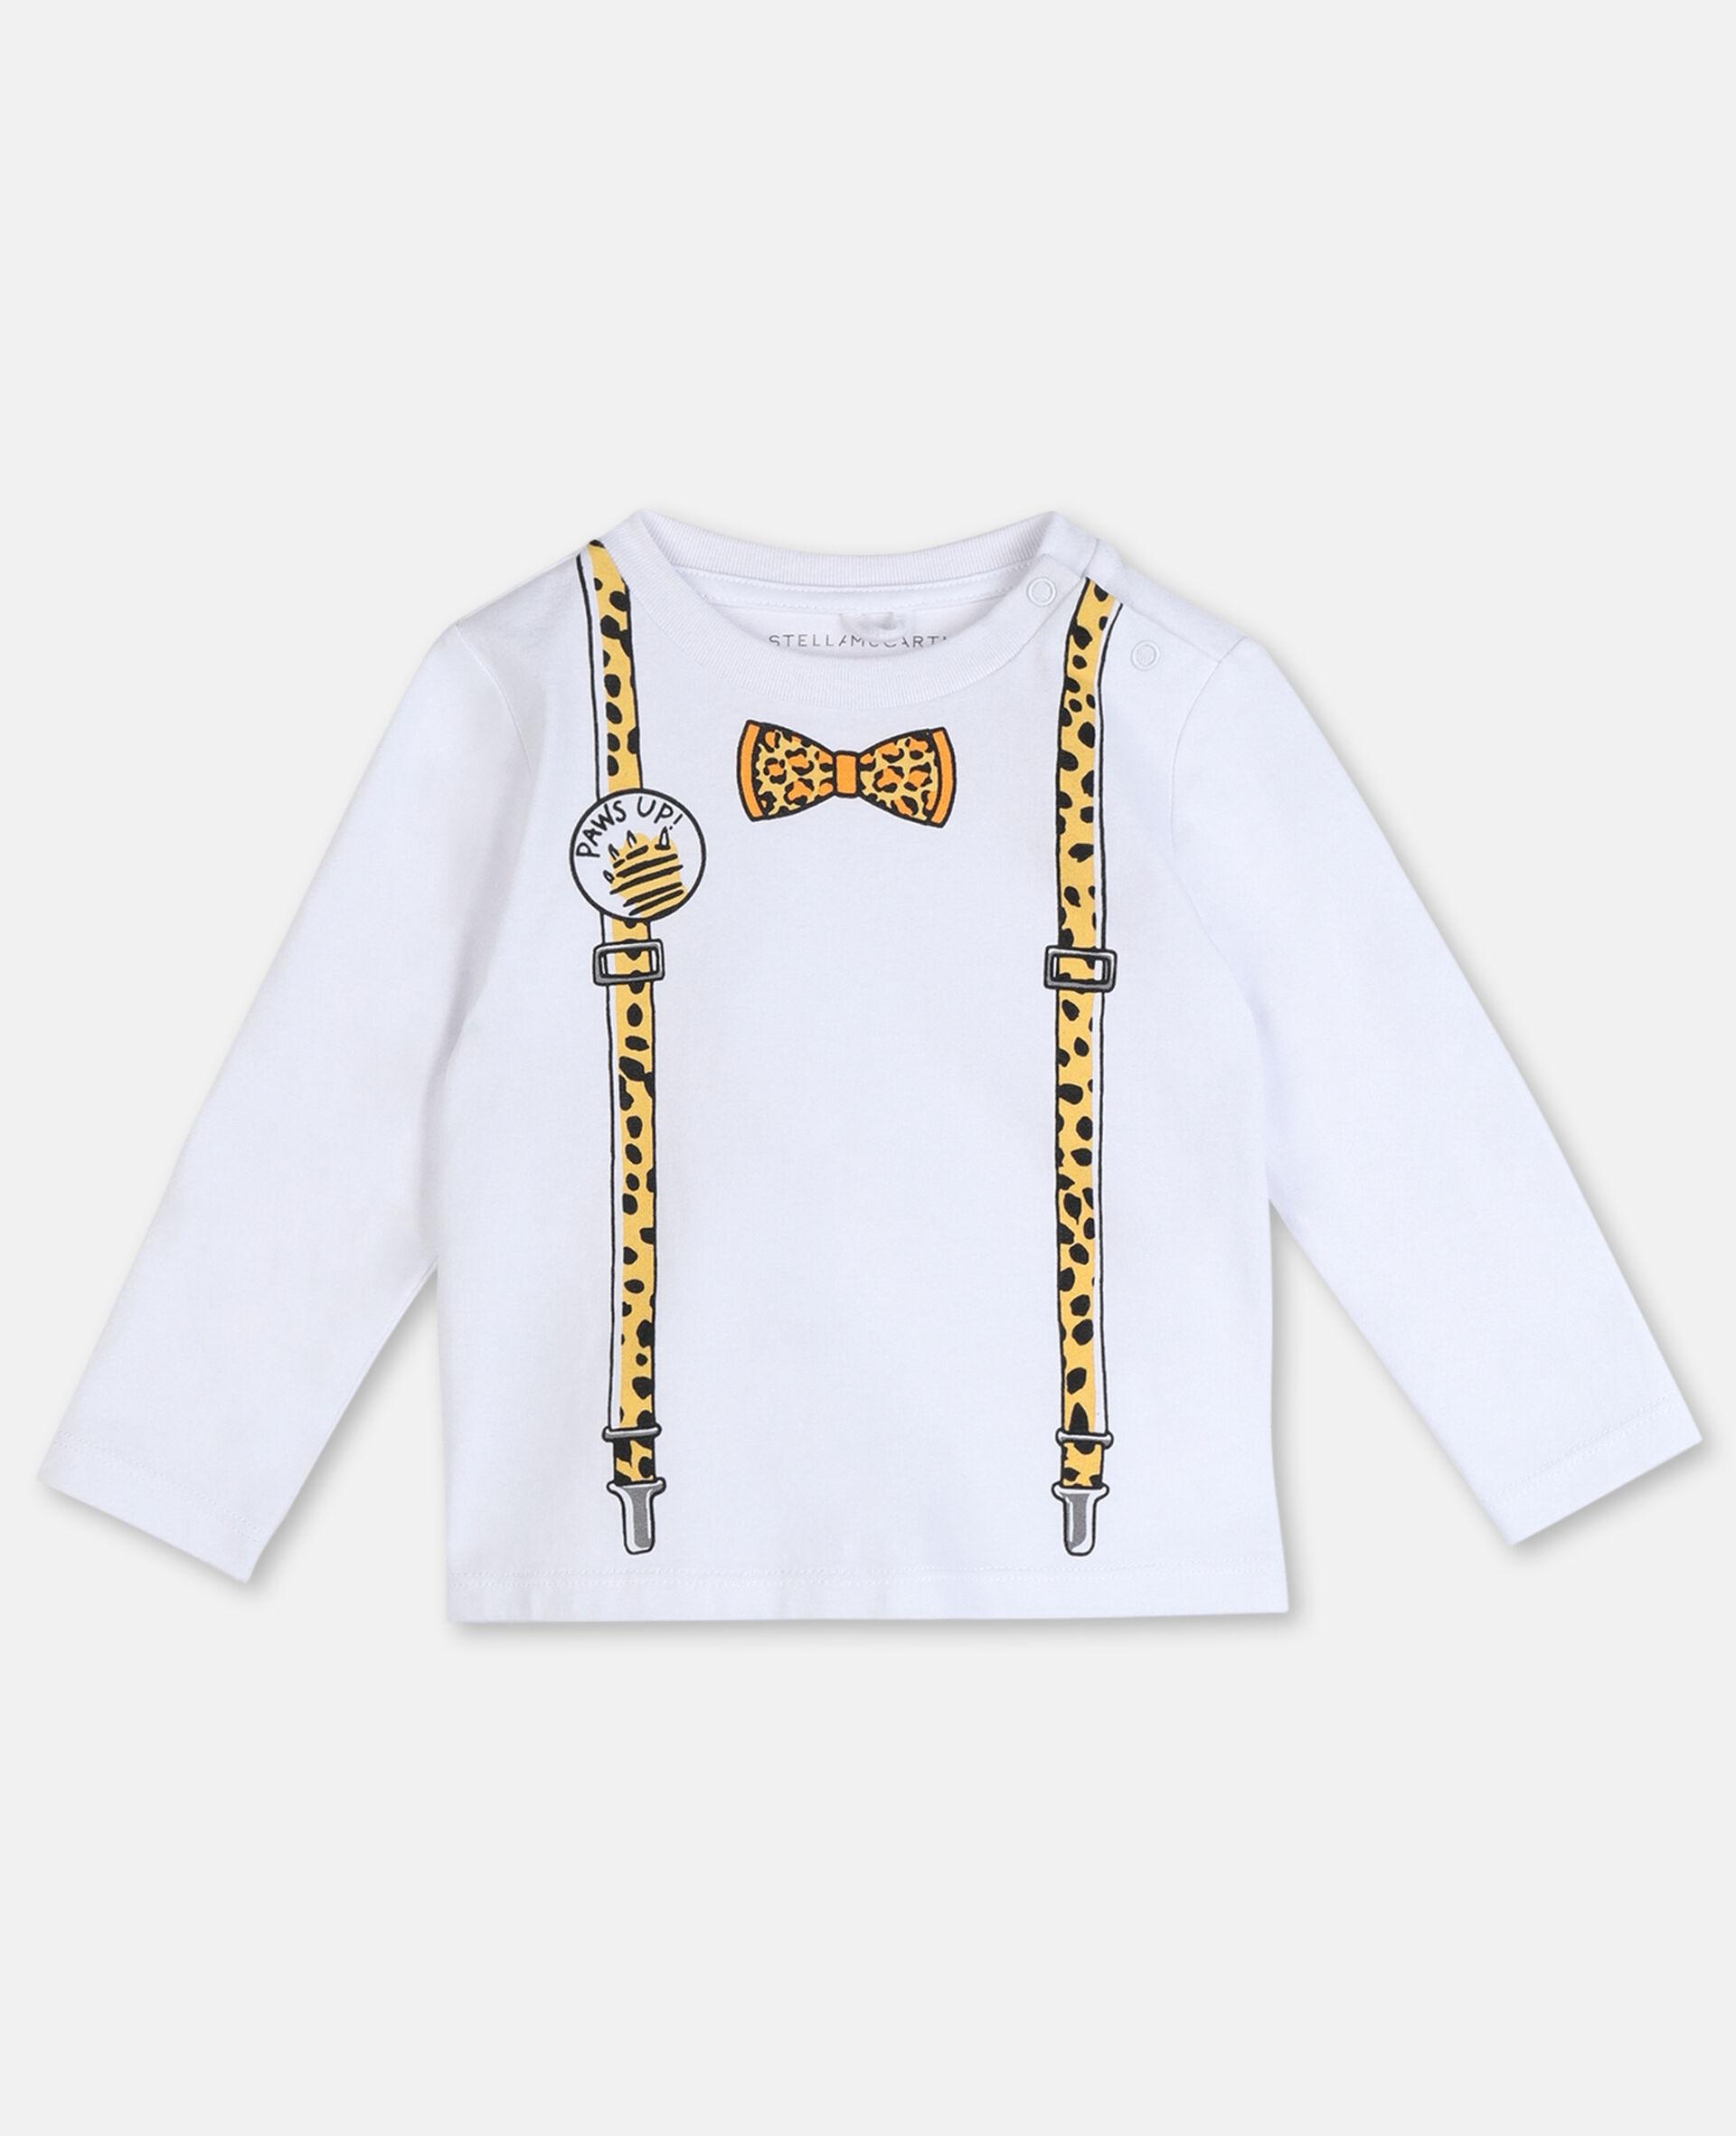 ブレイス コットン Tシャツ -ホワイト-large image number 0